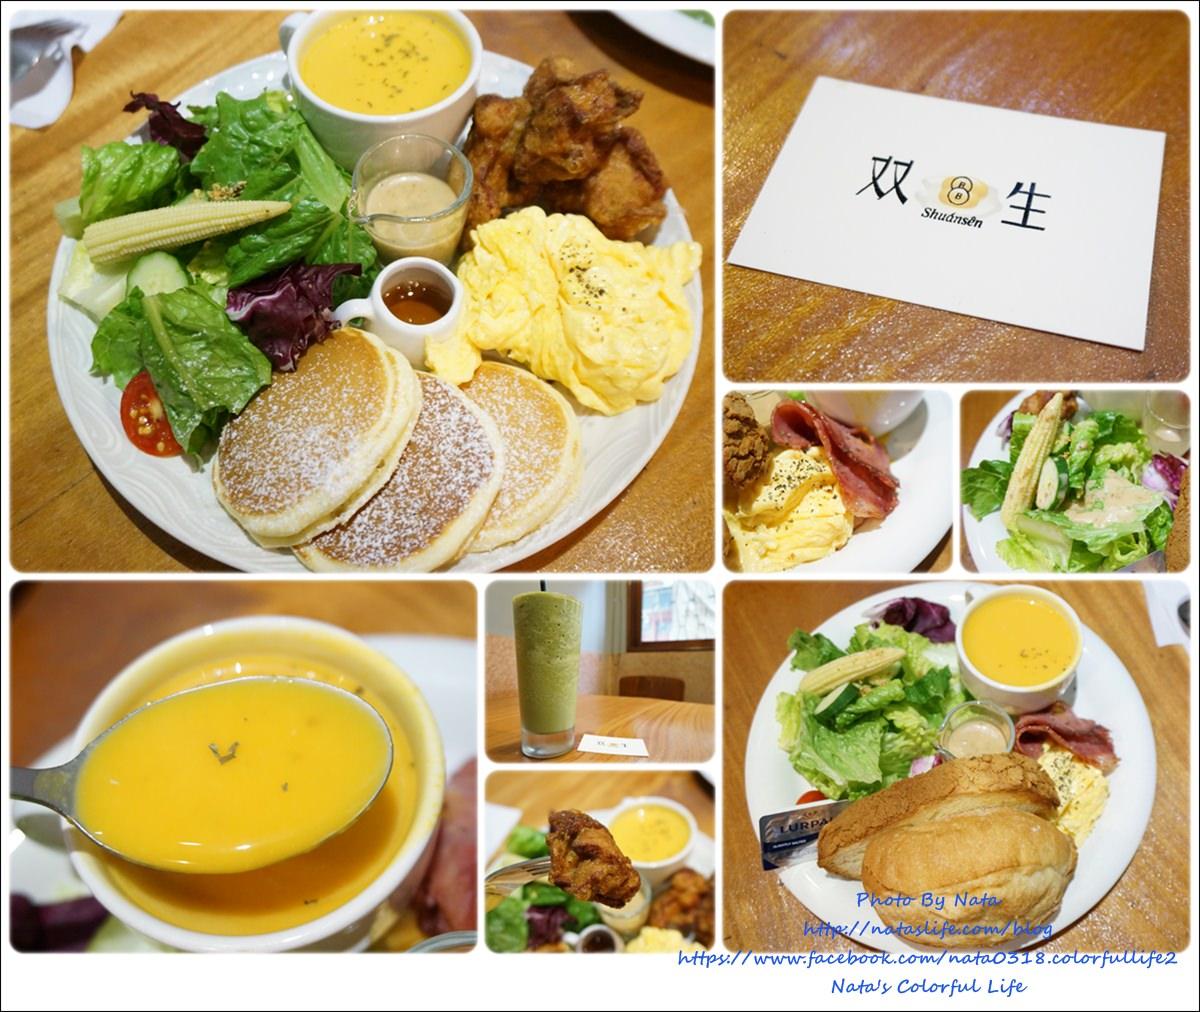 【美食♔台南中西區】双生 Shuànsên Cafe早午餐。隱藏在巷子內的早午餐!大小朋友都愛♥美味程度讓人要等一小時以上才能吃到阿~鄰近赤崁文化園區